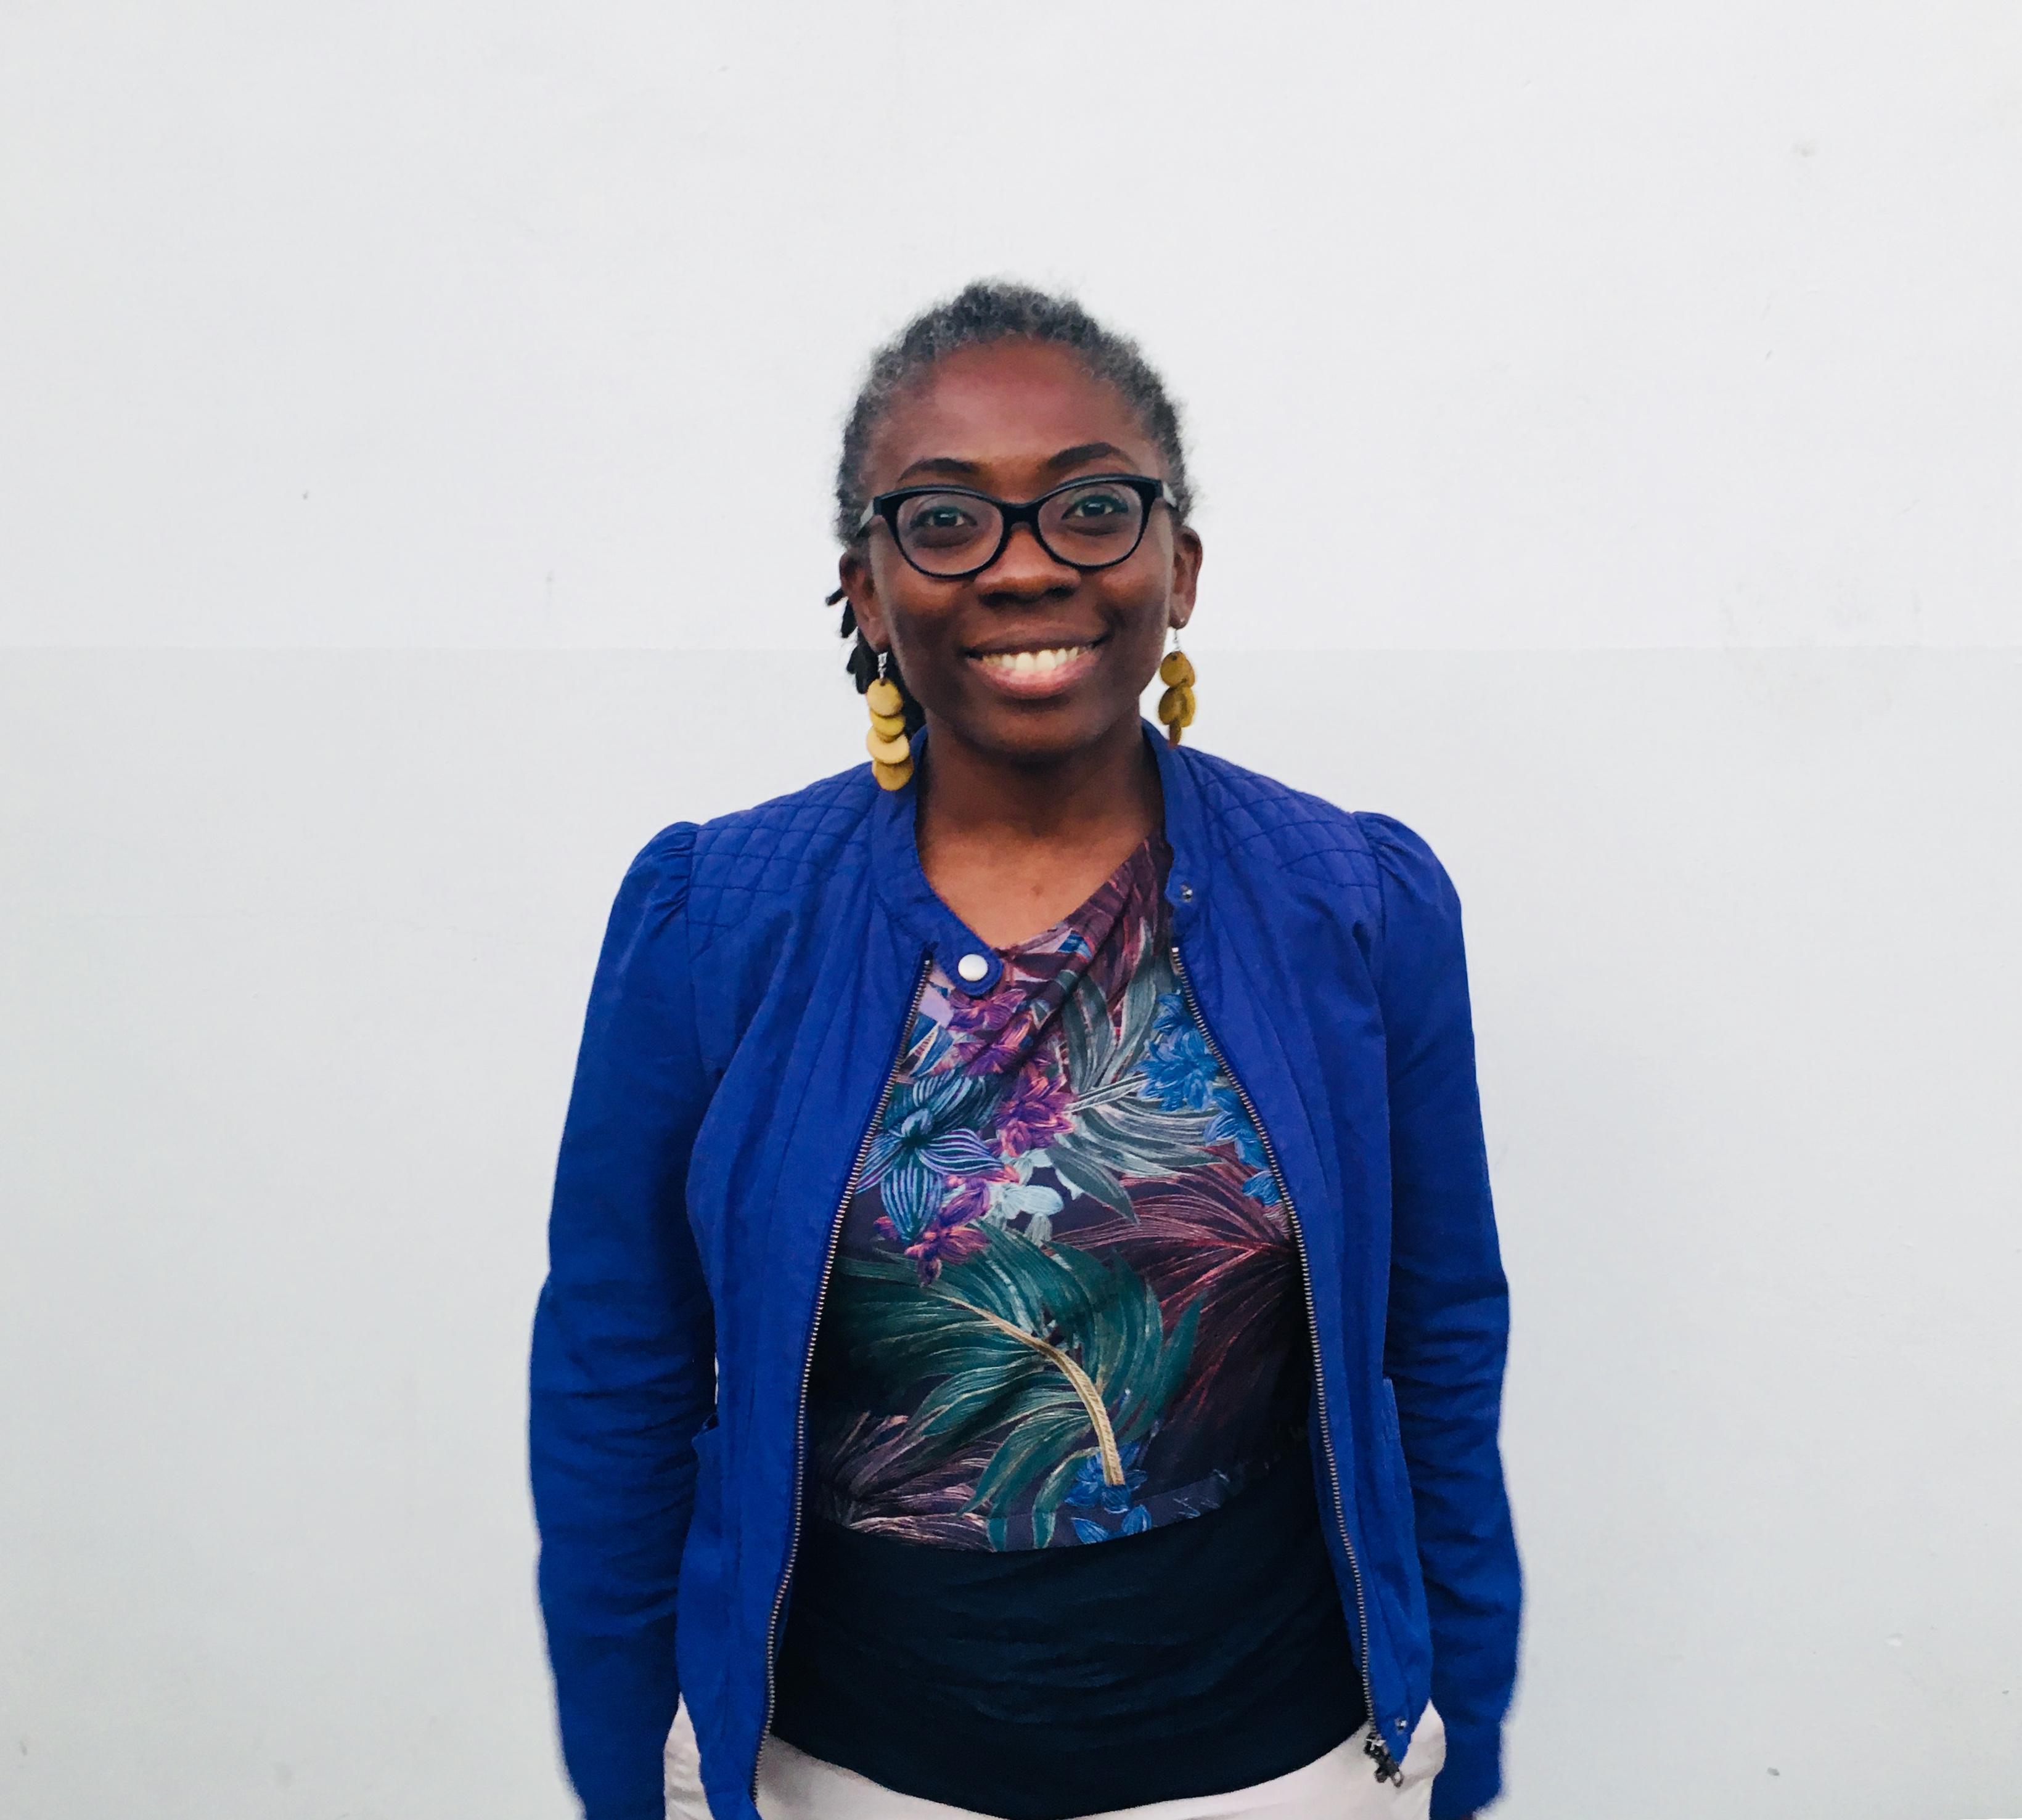 Danièle Obono, Députée France Insoumise «On est issu de ces gauches qui ont raté quelque chose»